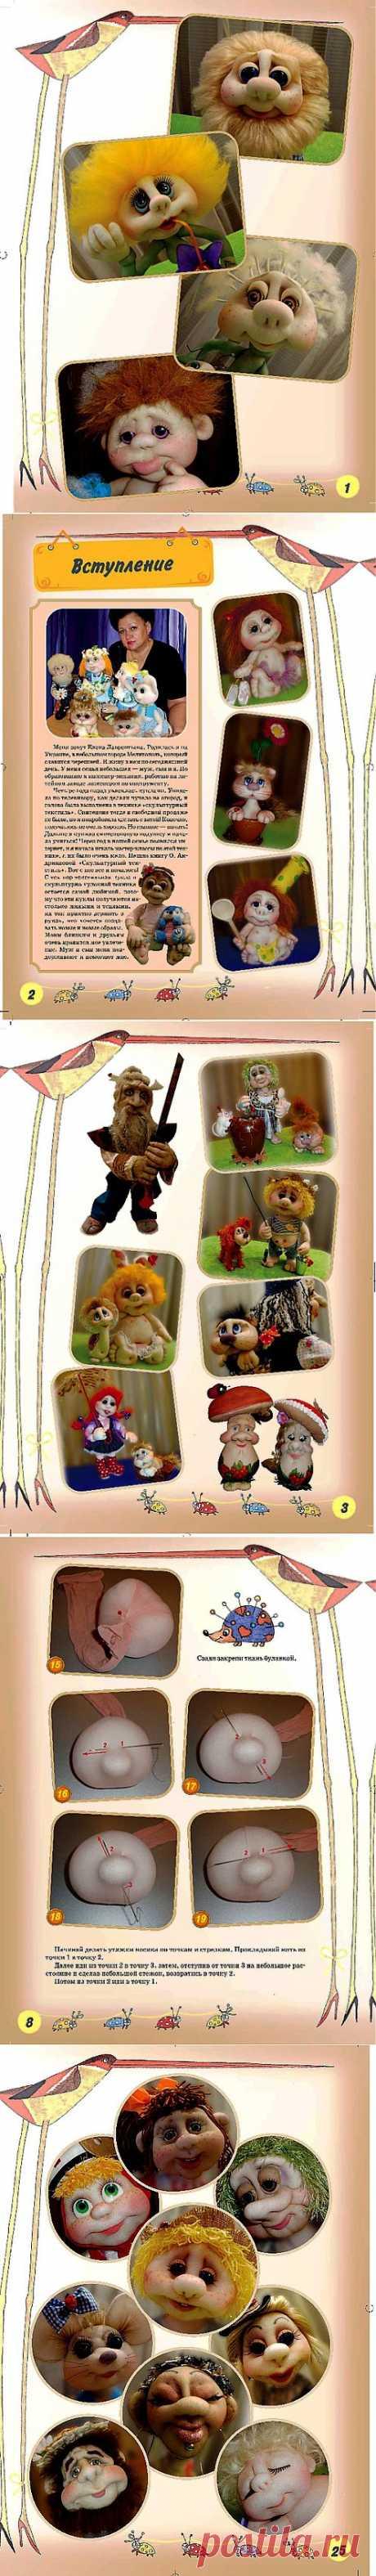 """Новый журнал по пошиву куклы """"на удачу"""". Мастер-класс от Елены Лаврентьевой."""